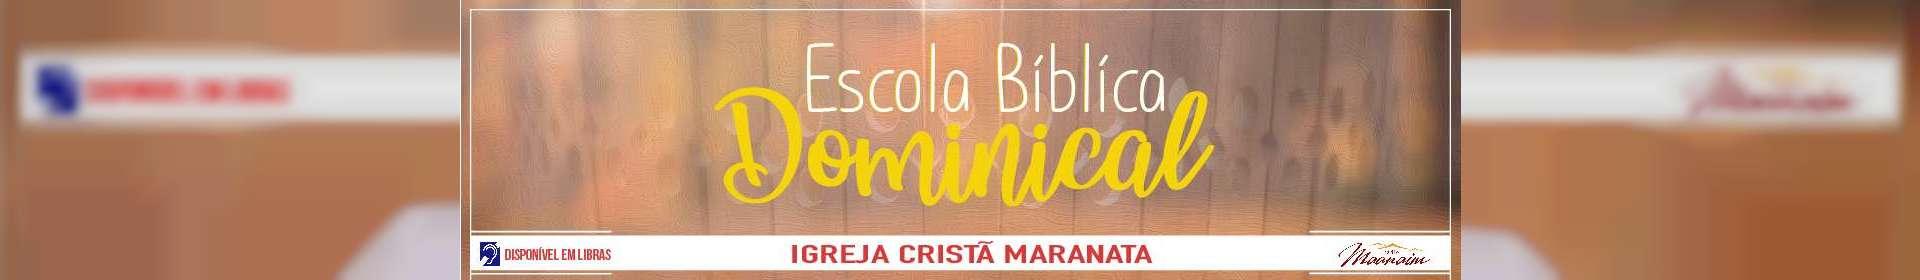 Escola Bíblica Dominical - 07/07/2019